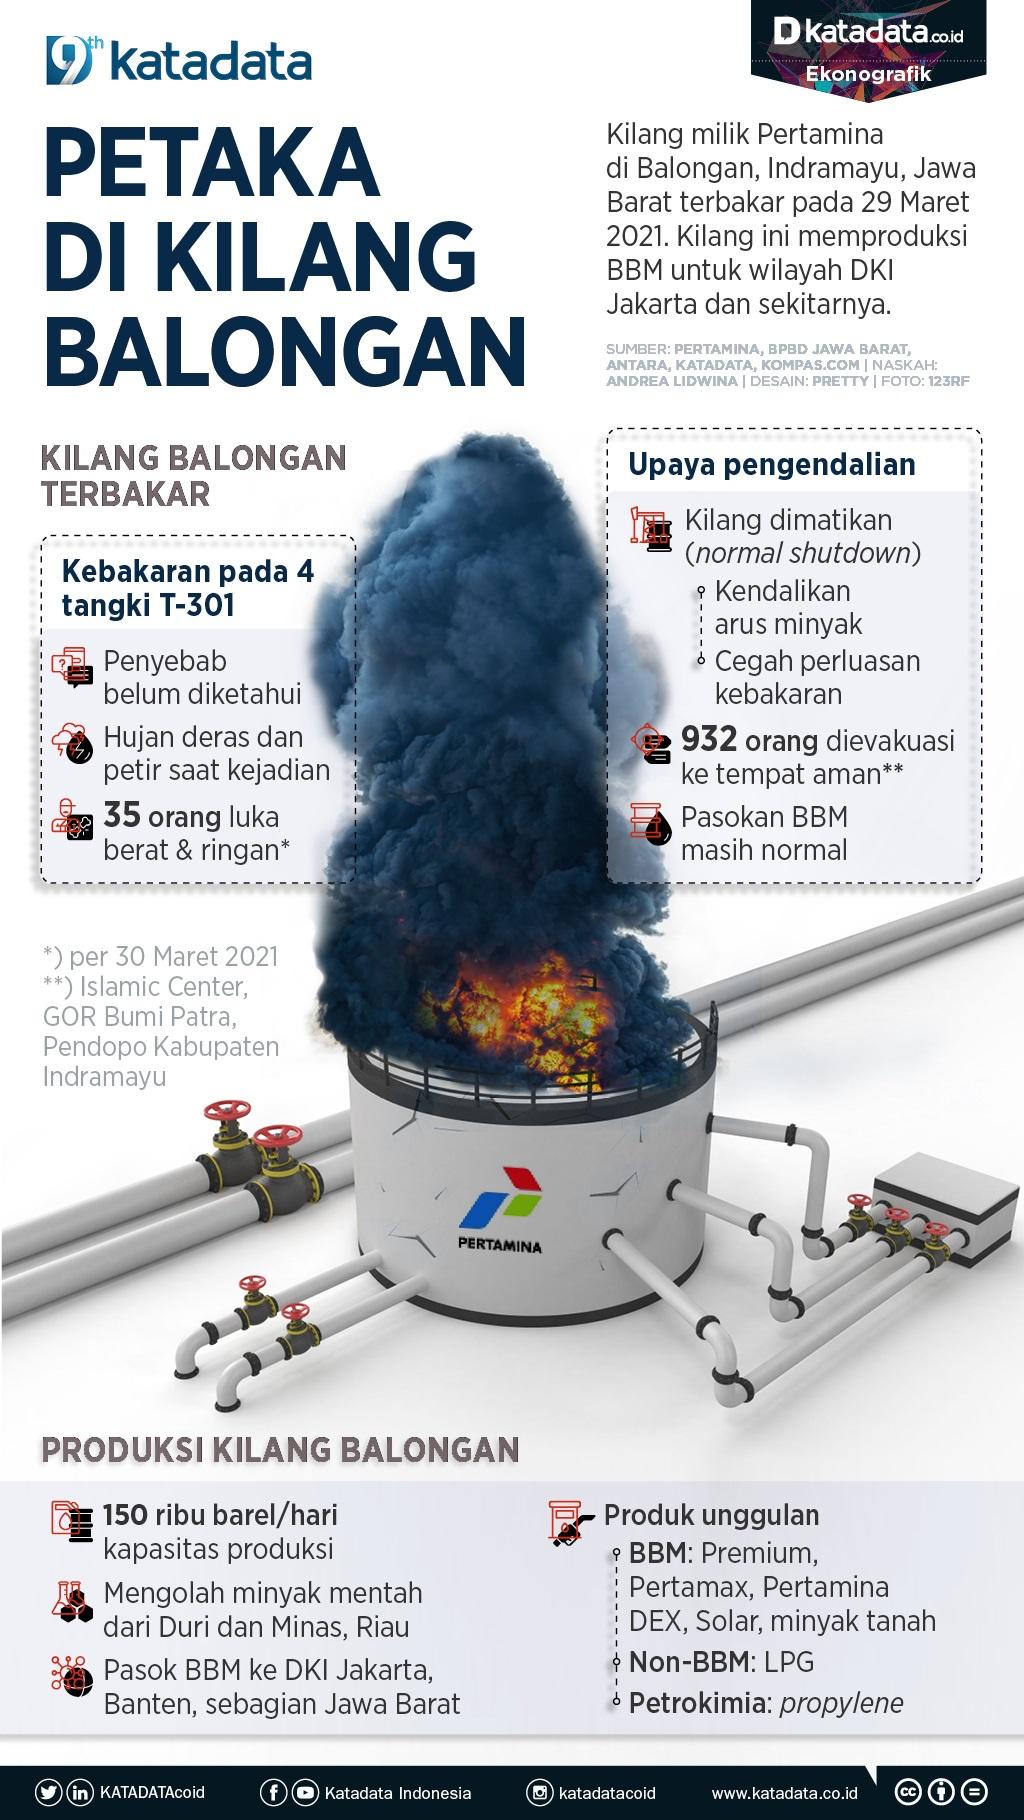 Infografik_Petaka di kilang balongan